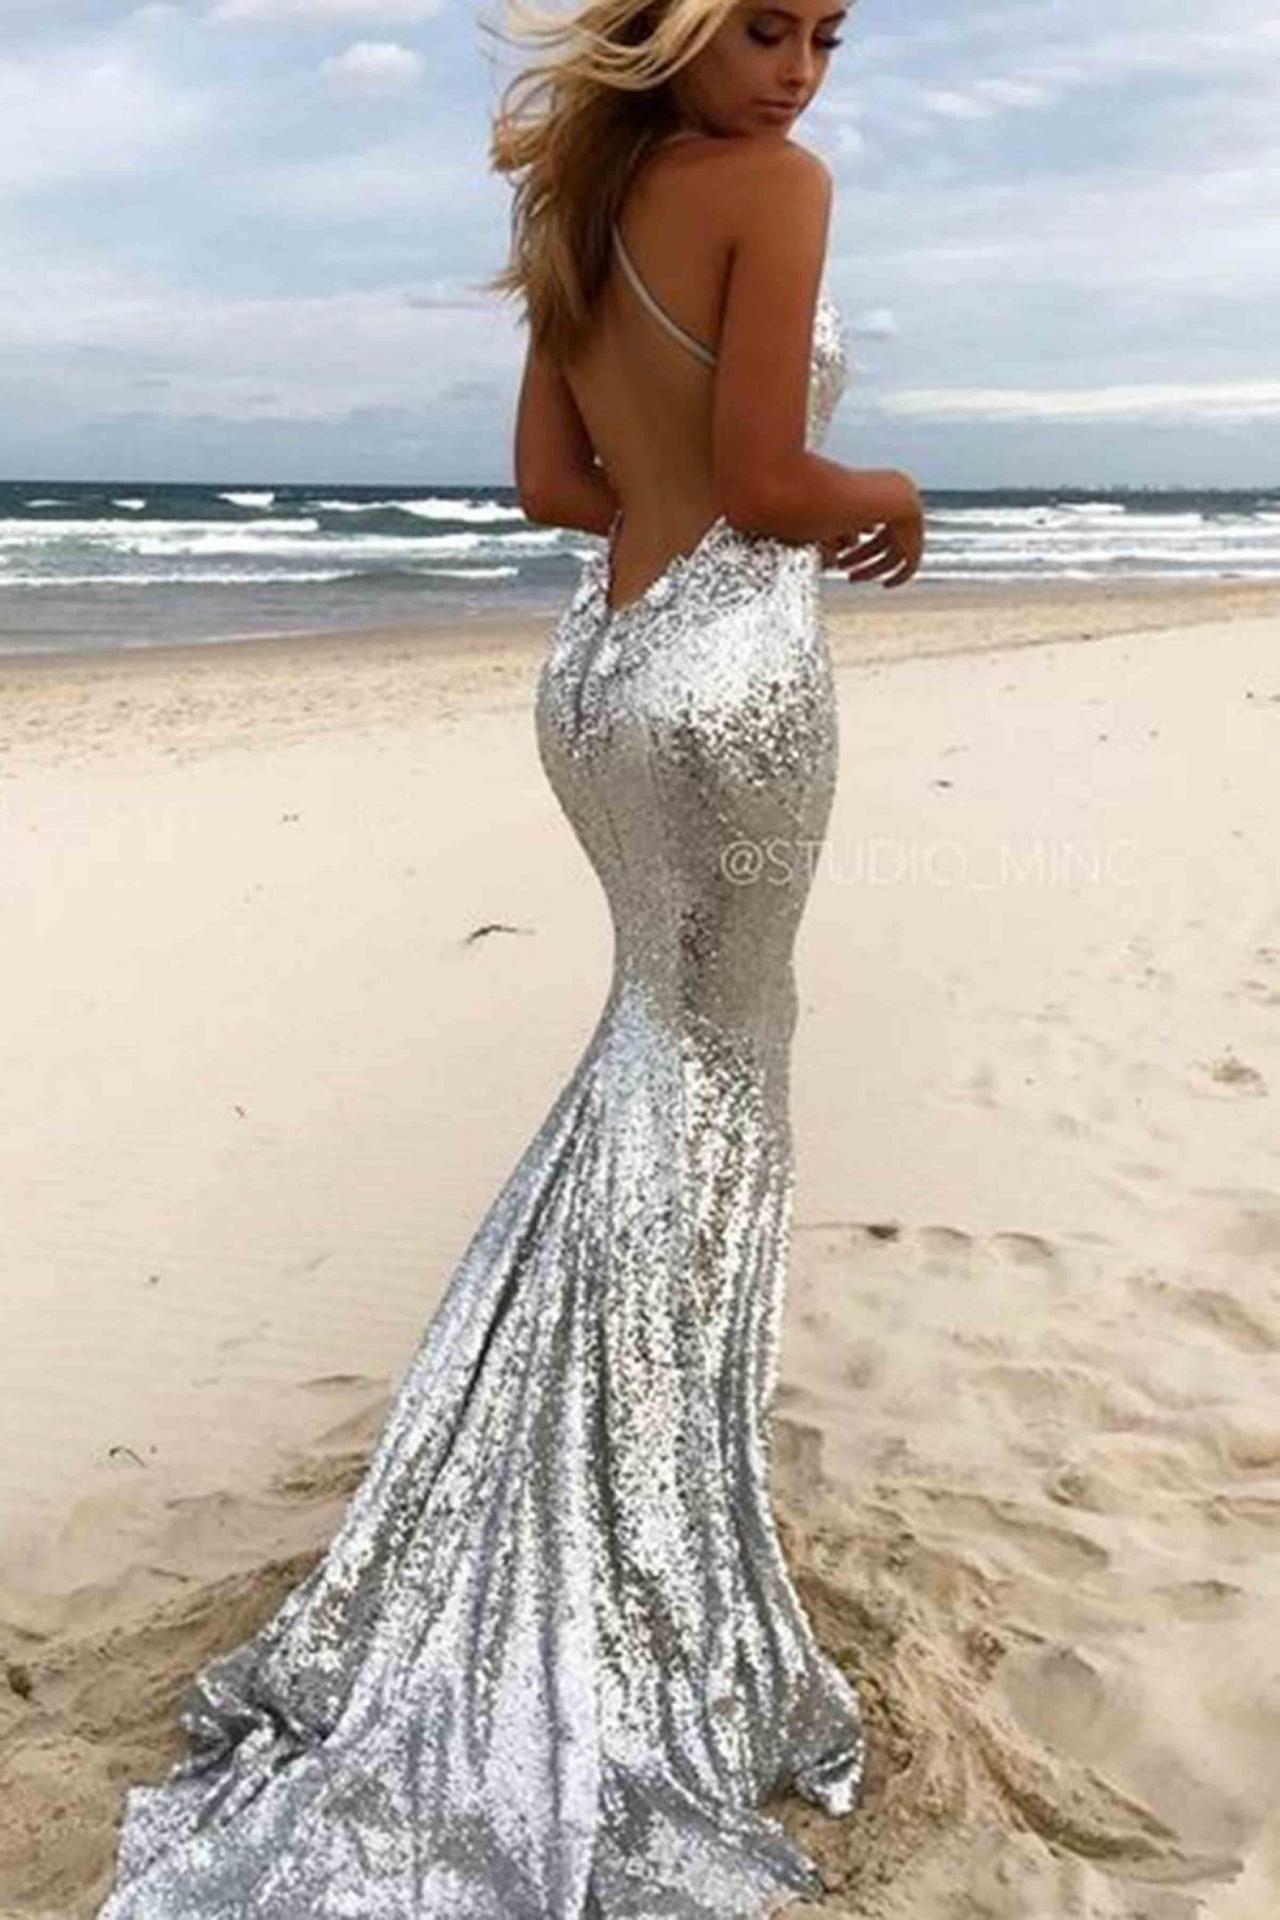 20 Wunderbar Pailletten Kleid Abendkleid Stylish20 Ausgezeichnet Pailletten Kleid Abendkleid Ärmel